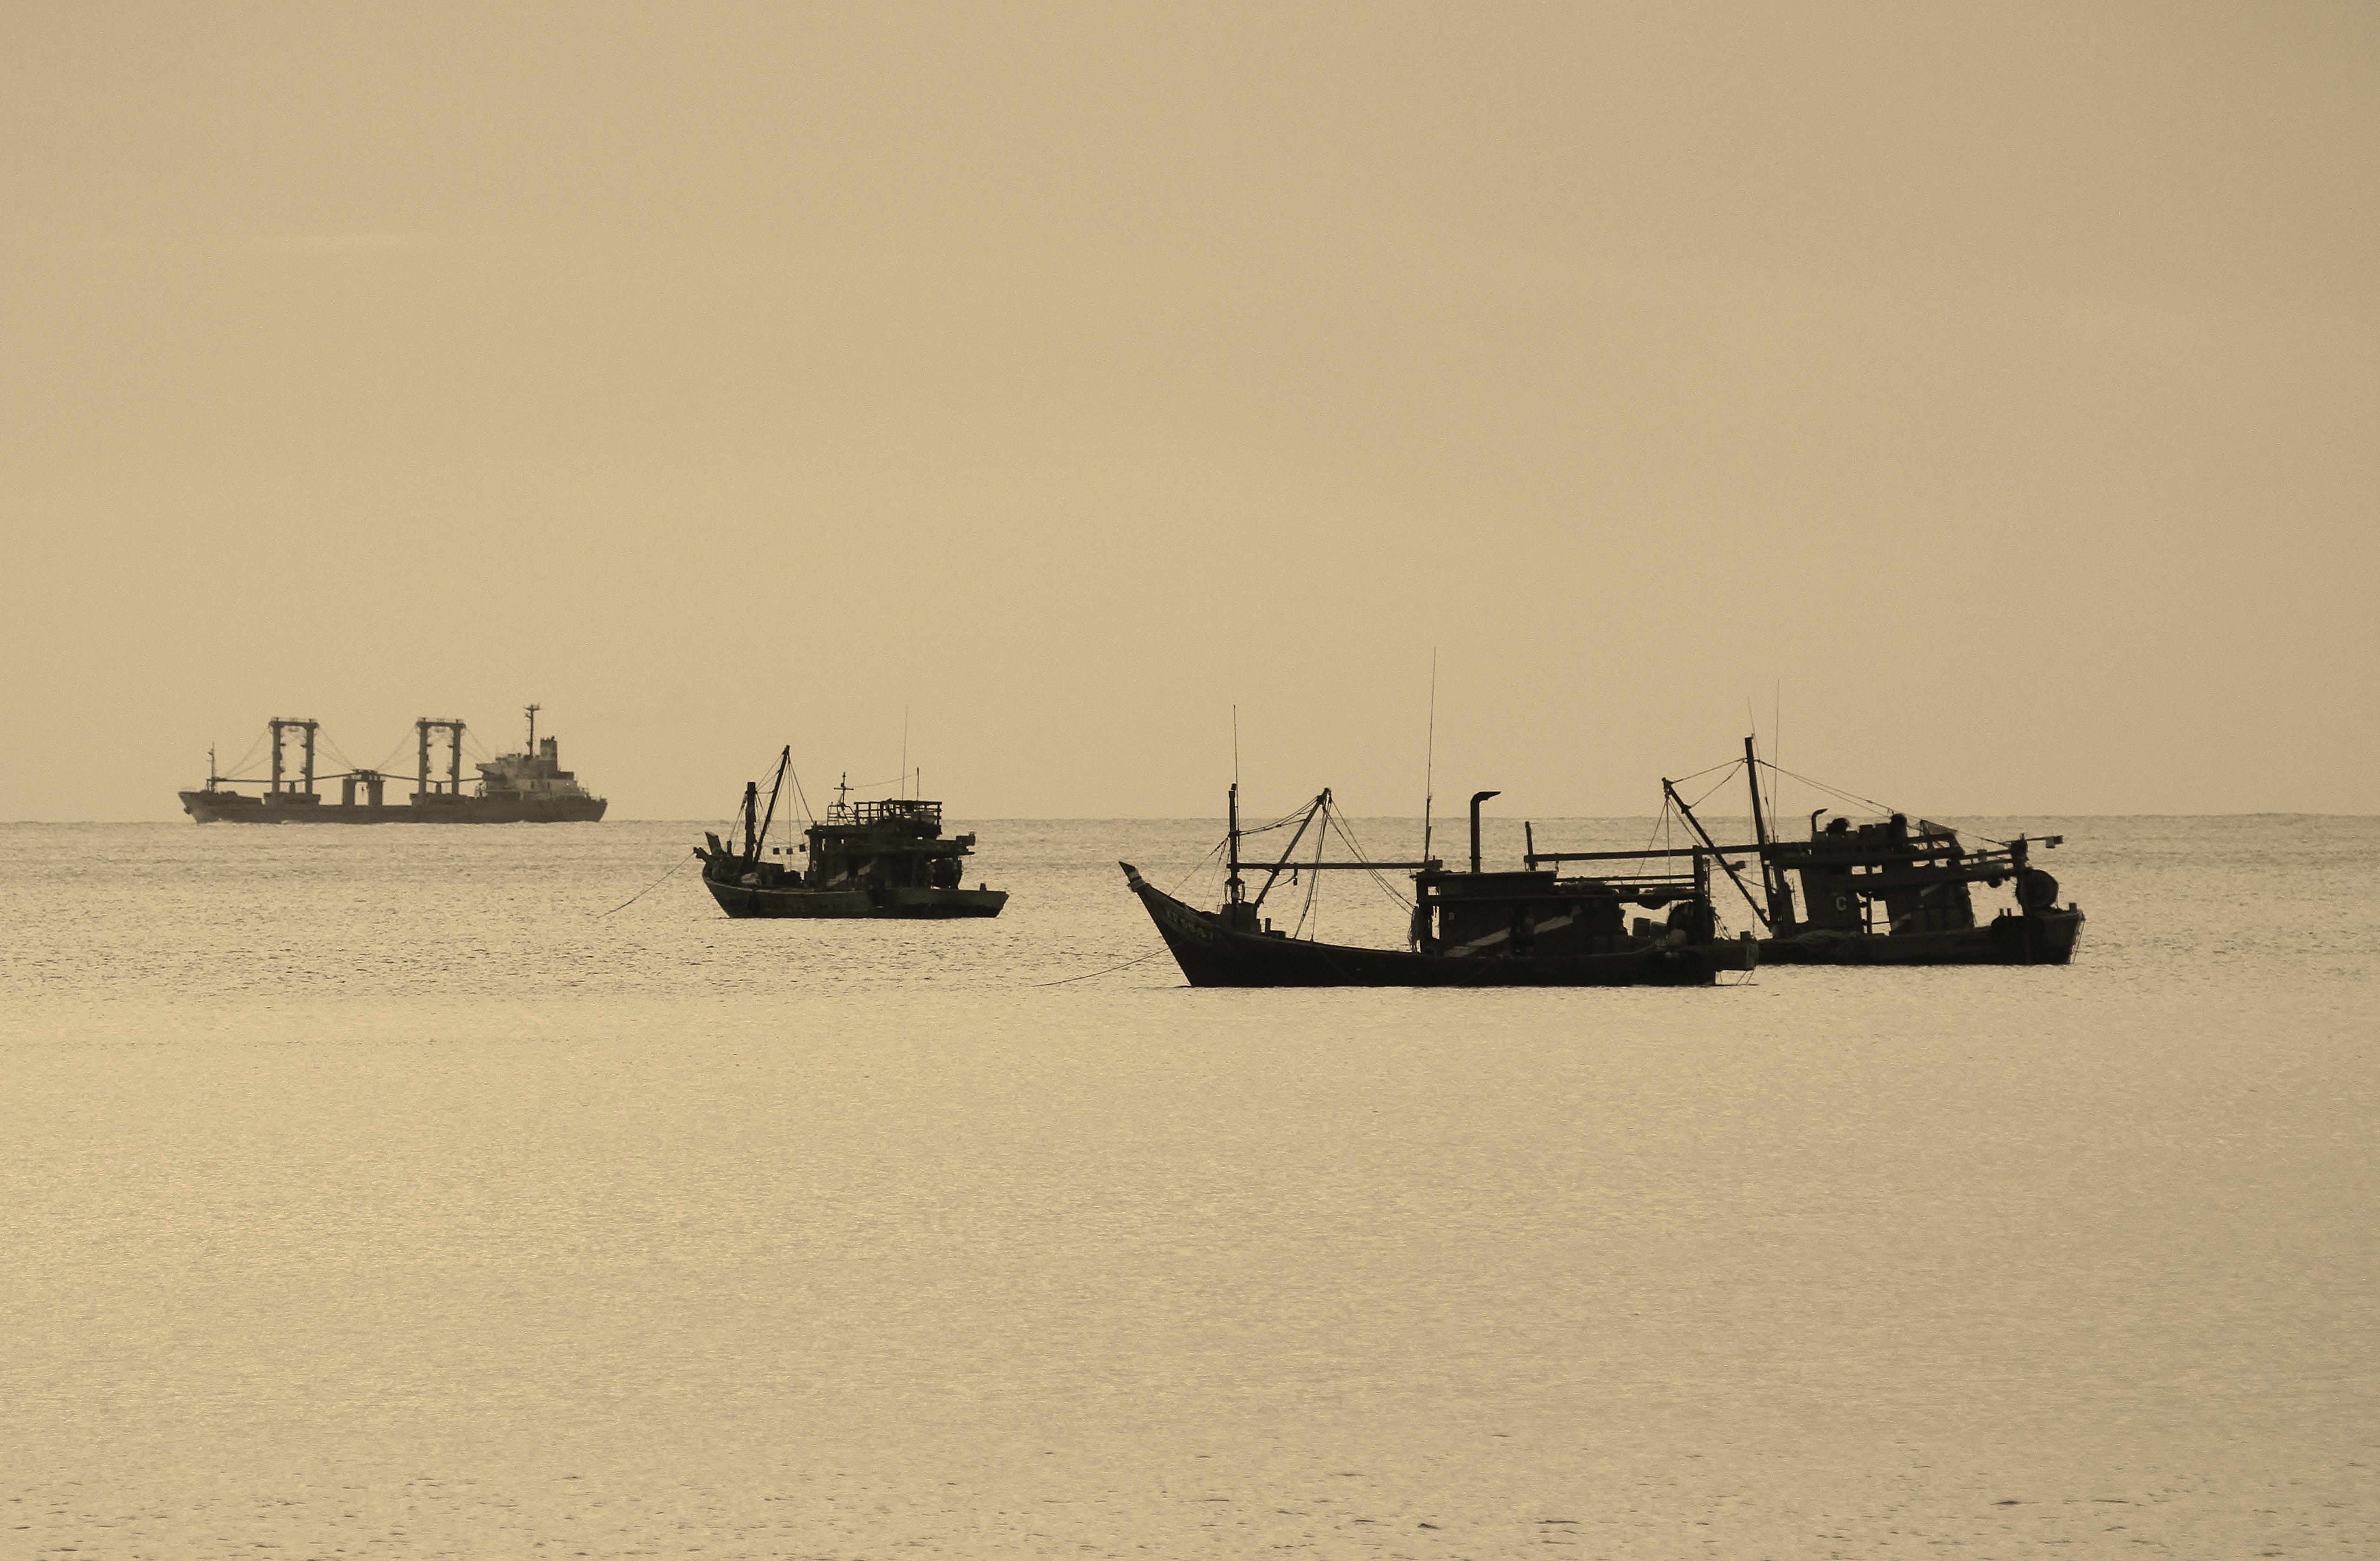 f9ffa1967 Obrazy : pláž, more, pobrežie, voda, piesok, oceán, čln, loď, nádoba,  vozidlo, záliv, telo z vody, námornej, lode, morský, vodné skútre, rybárske  plavidlo ...